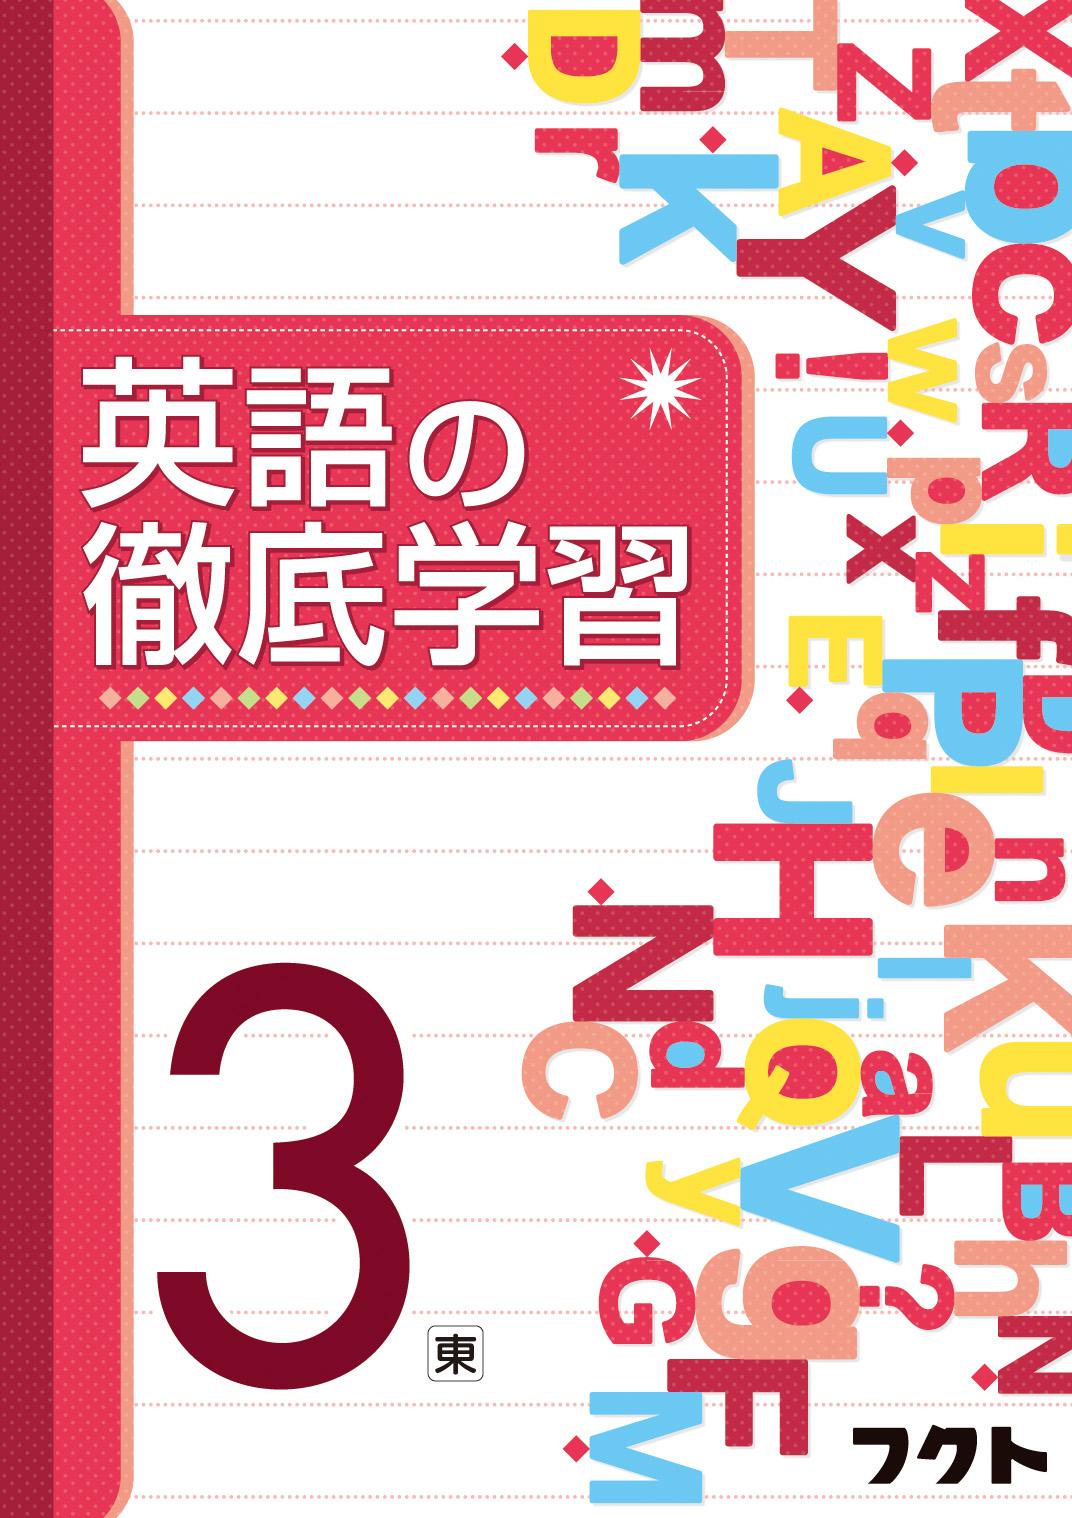 英語の徹底学習(東京書籍版/開隆堂版/三省堂版) <3年生>